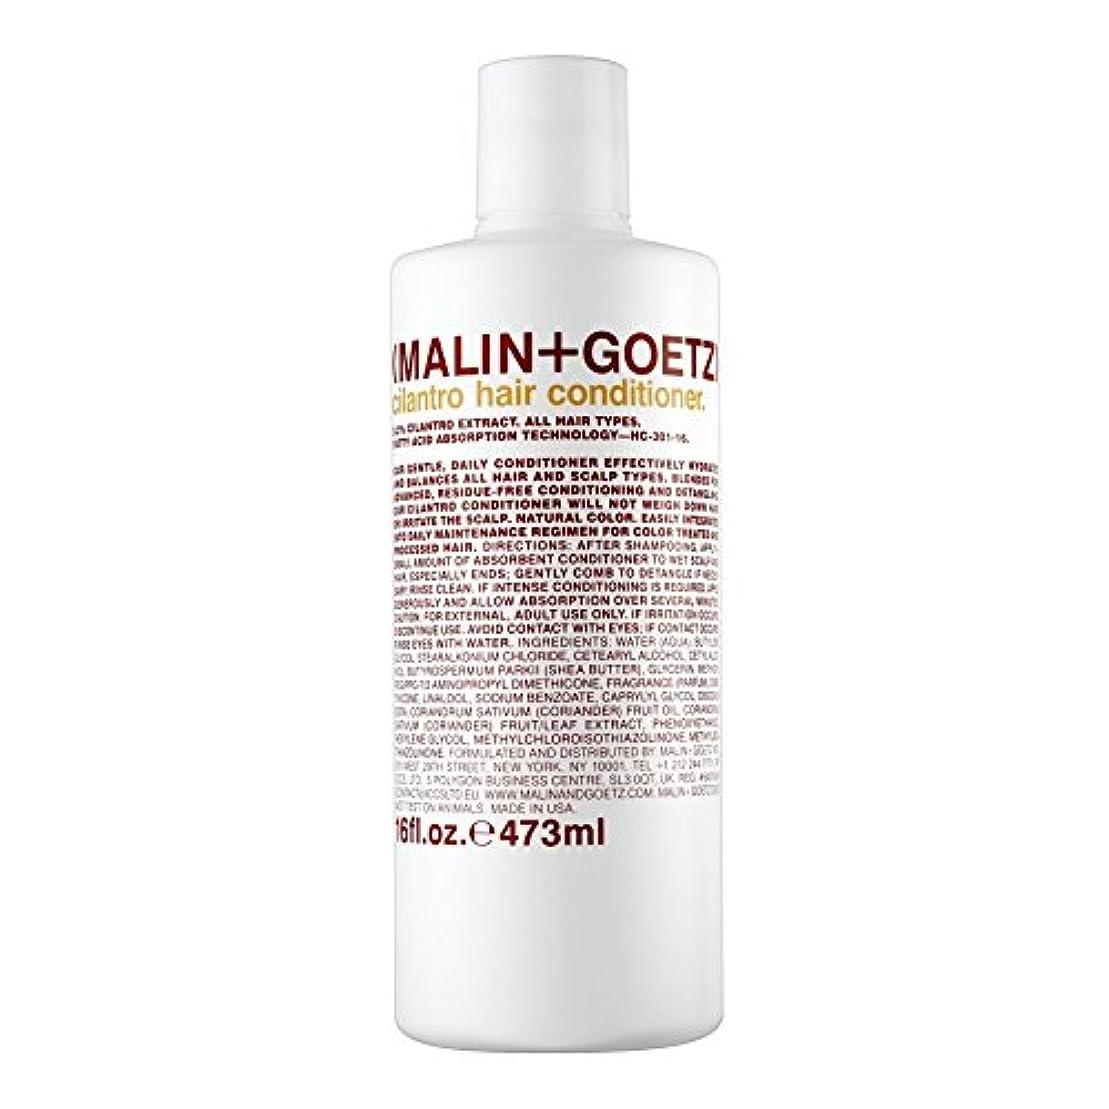 命題馬鹿げた違うマリン+ゲッツコリアンダーのヘアコンディショナー473ミリリットル x2 - MALIN+GOETZ Cilantro Hair Conditioner 473ml (Pack of 2) [並行輸入品]